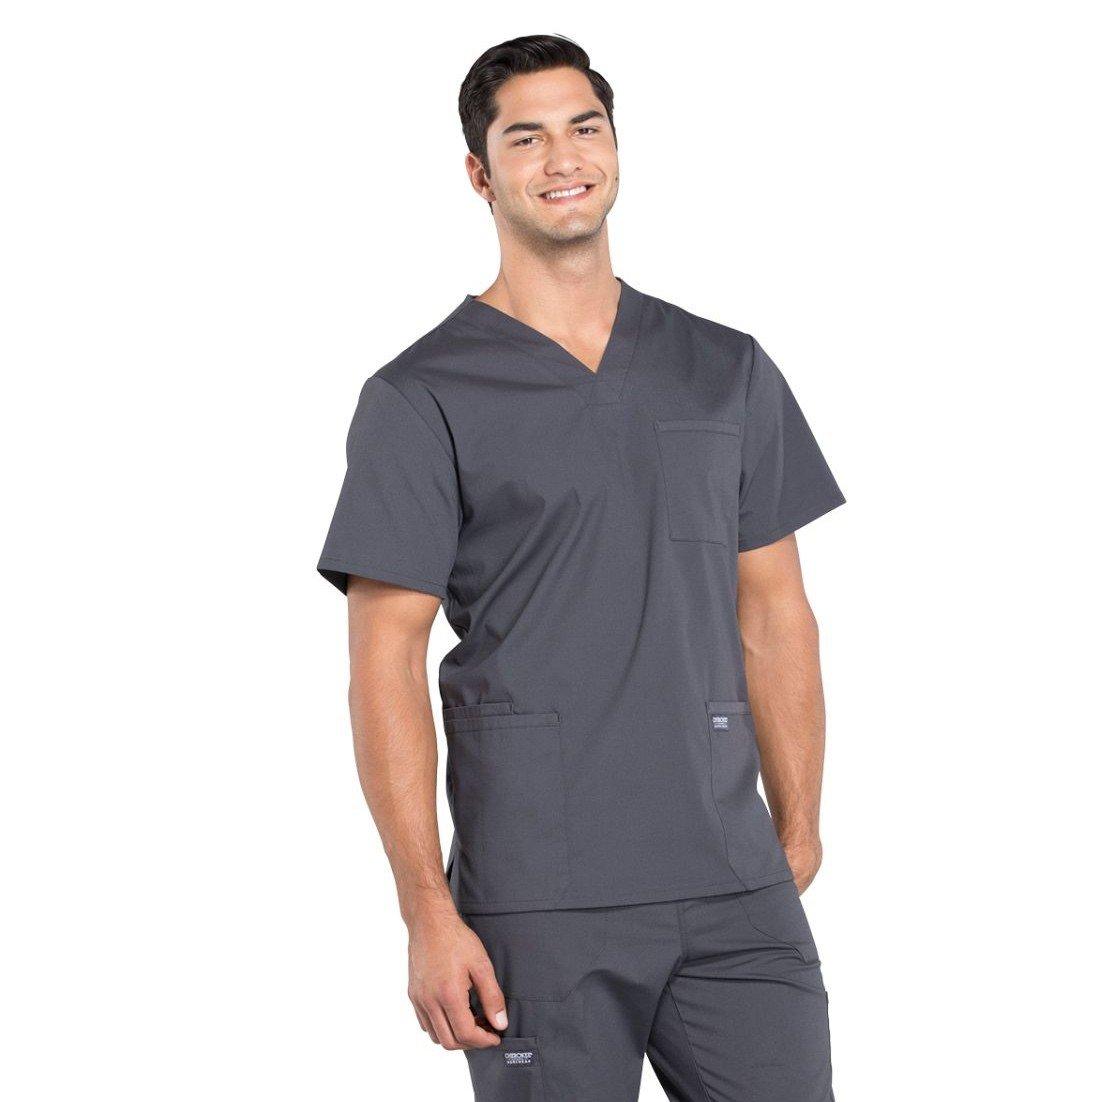 Мужской медицинский костюм Professionals цвет серый